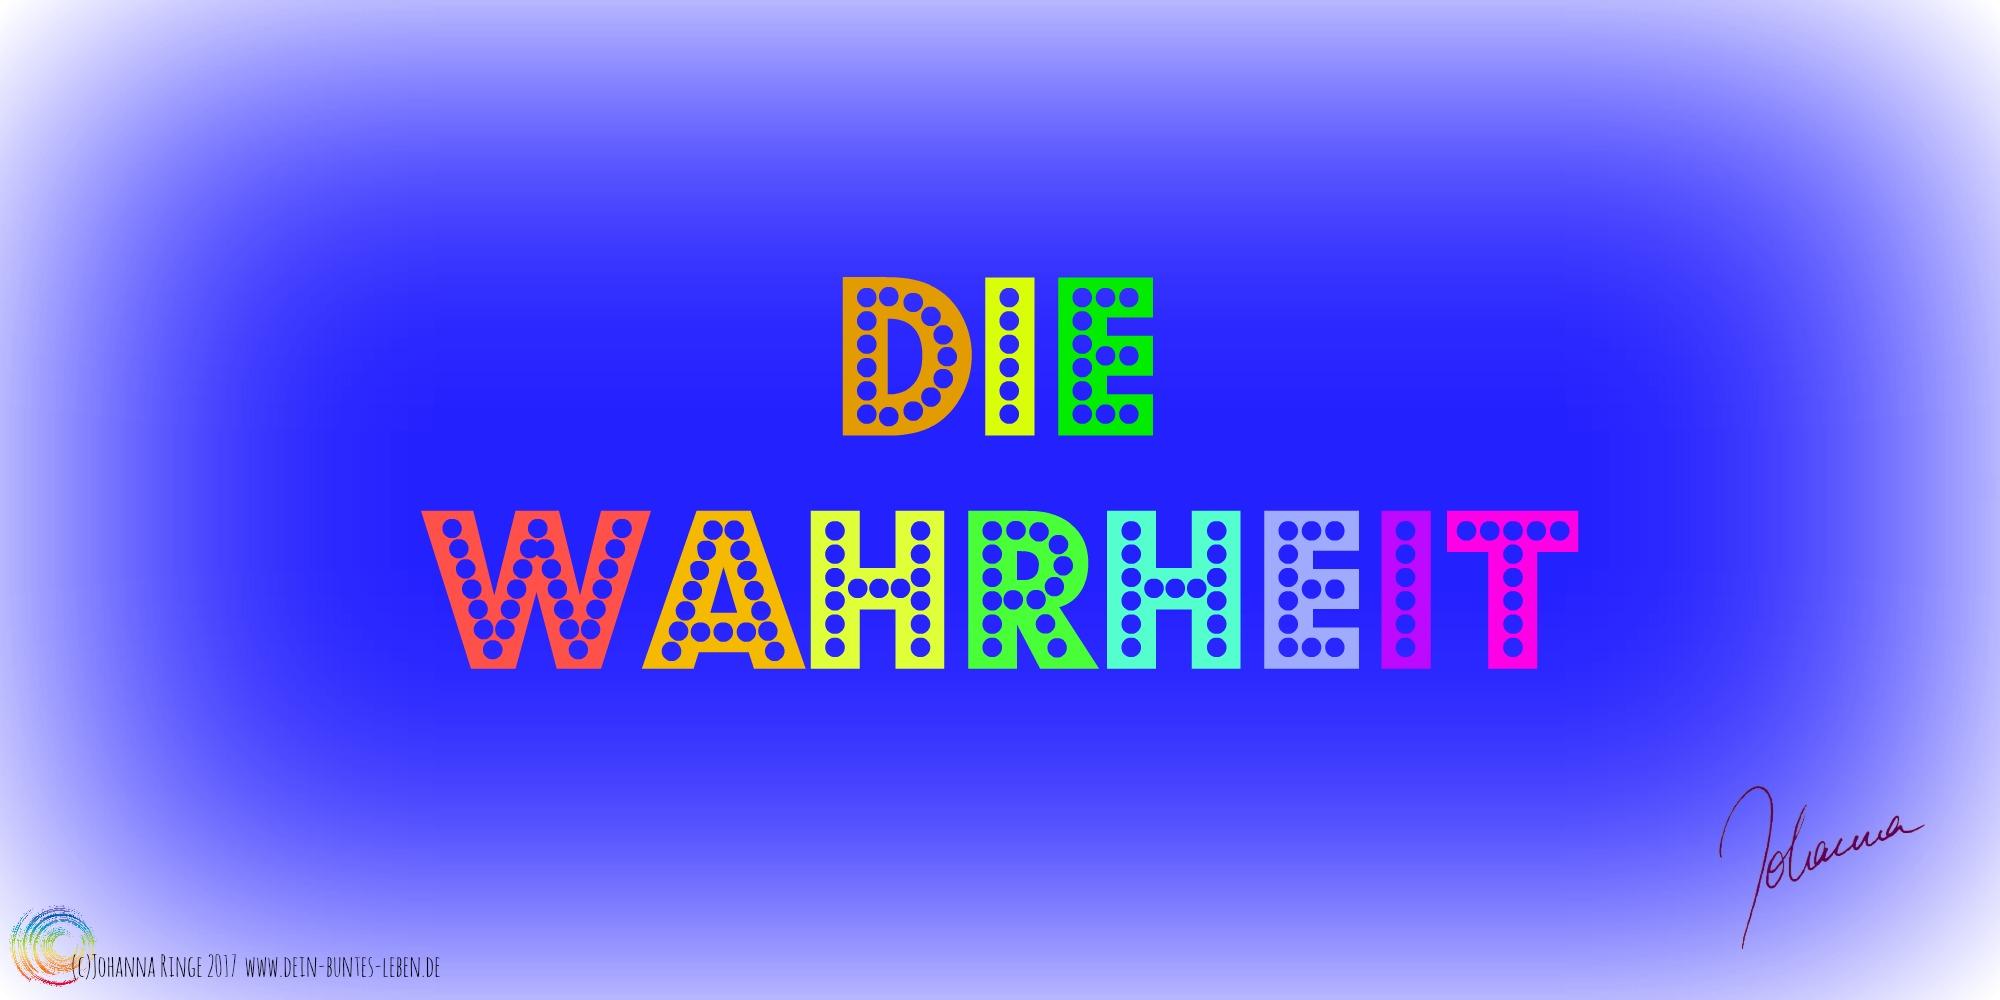 Die Wahrheit in Regenbogenfarben vor blauem Grund. (c)2017 Johanna Ringe www.dein-buntes-leben.de